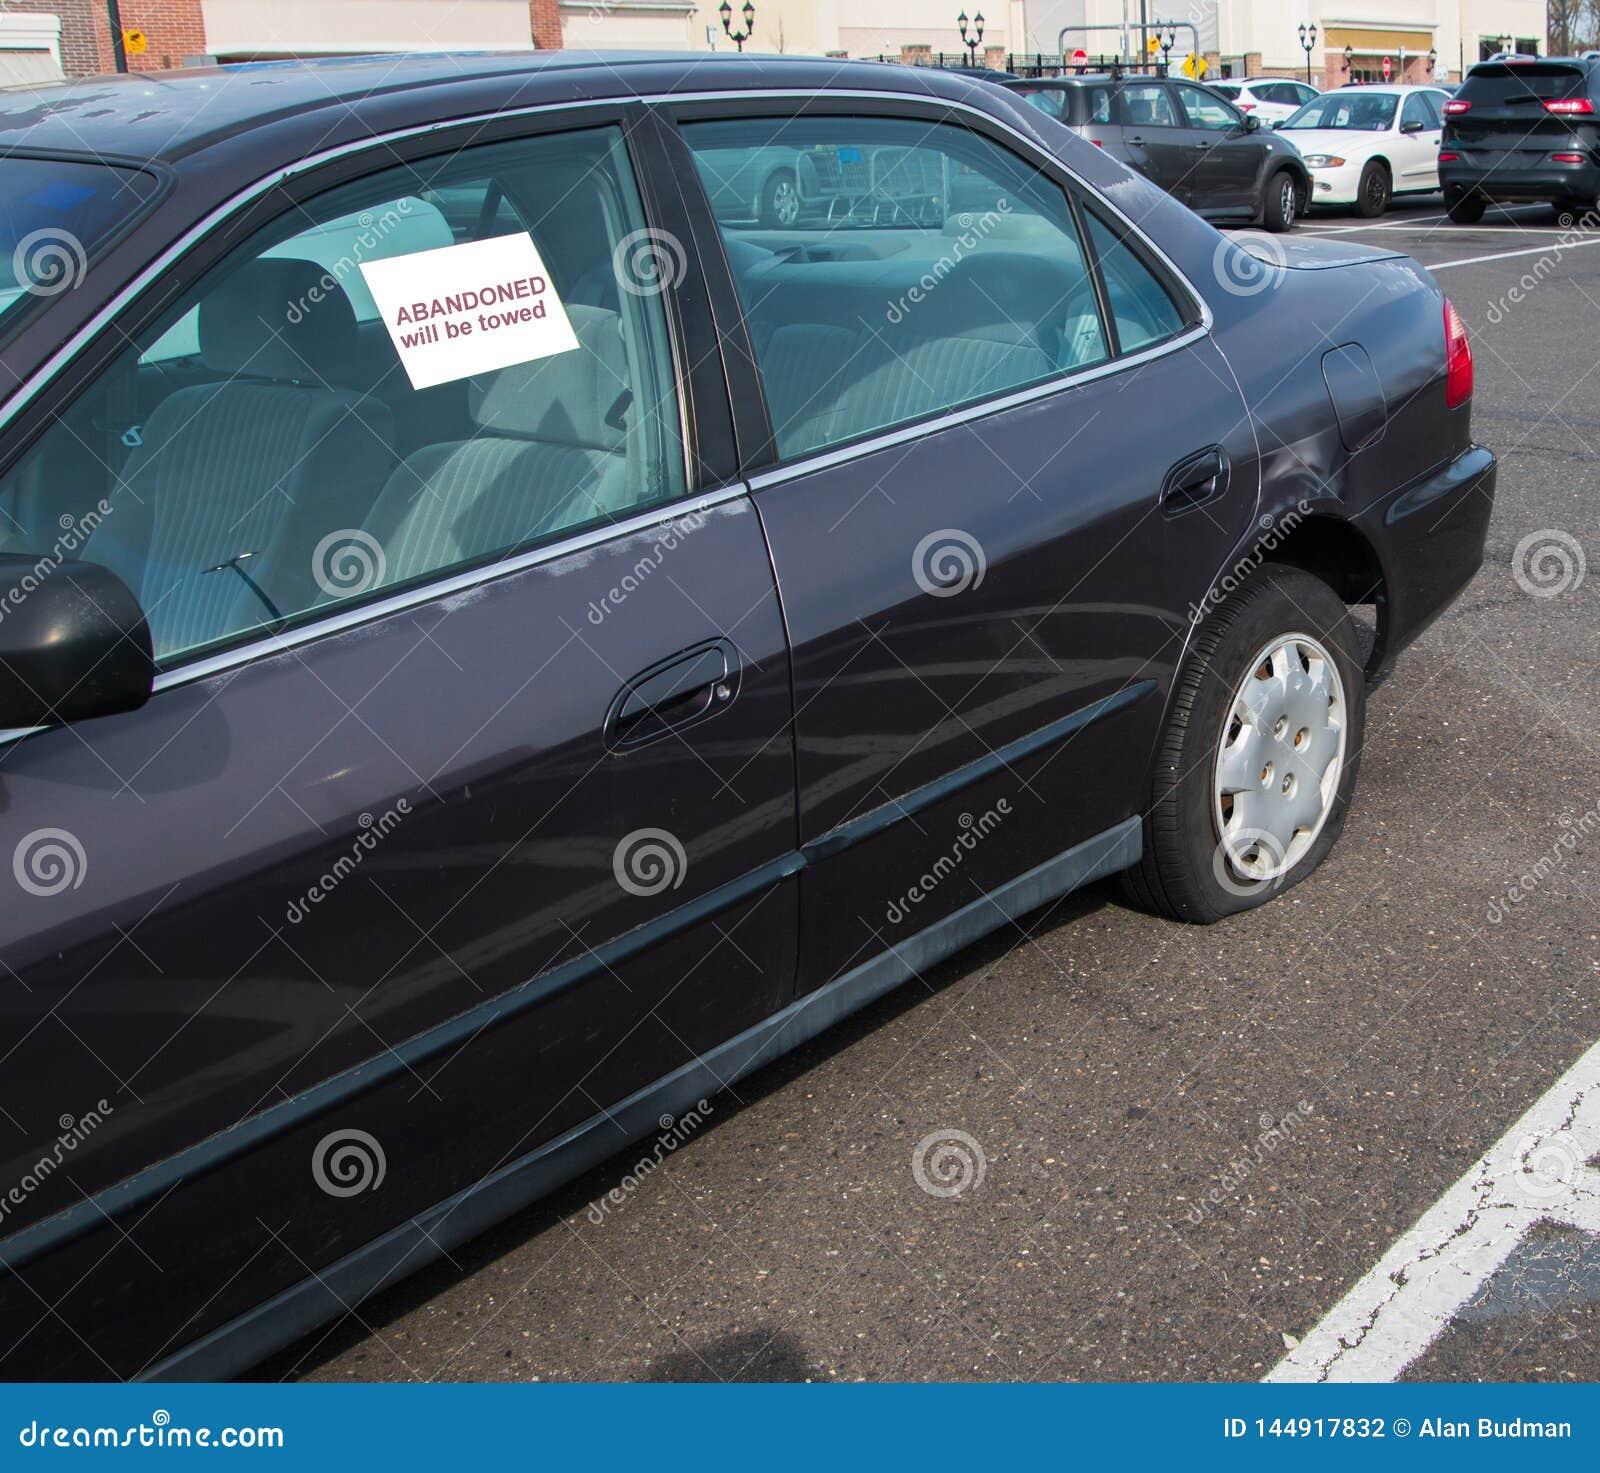 Carro velho com o pneu liso no parque de estacionamento com etiqueta na janela que diz abandonado